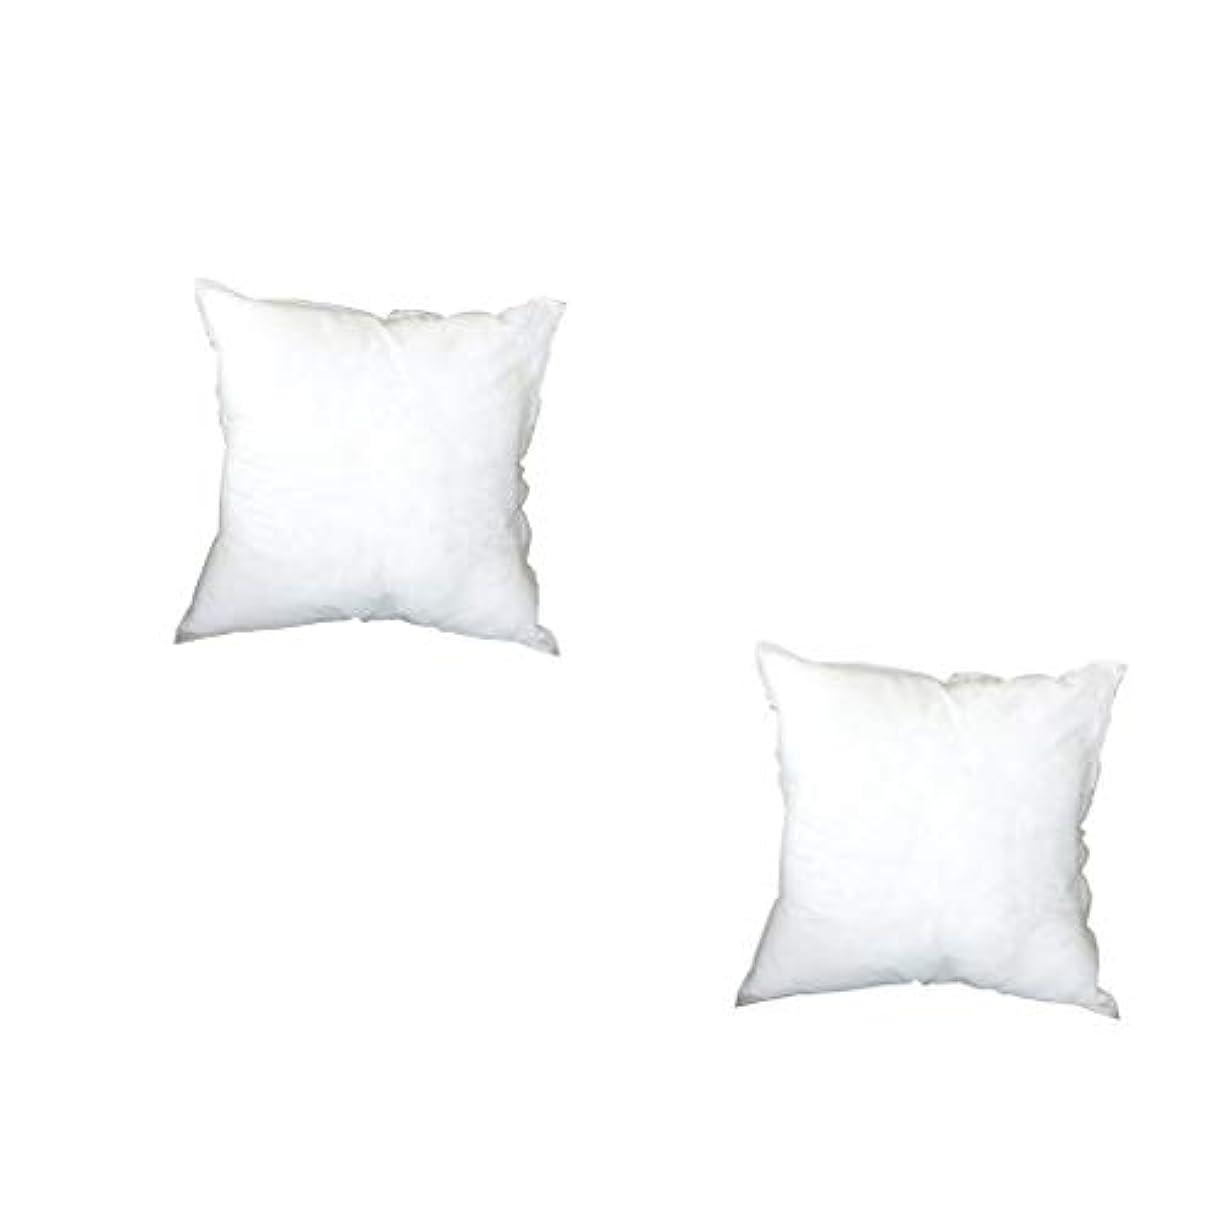 動日体操LIFE 寝具正方形 PP 綿枕インテリア家の装飾白 45 × 45 車のソファチェアクッション coussin decoratif 新 クッション 椅子